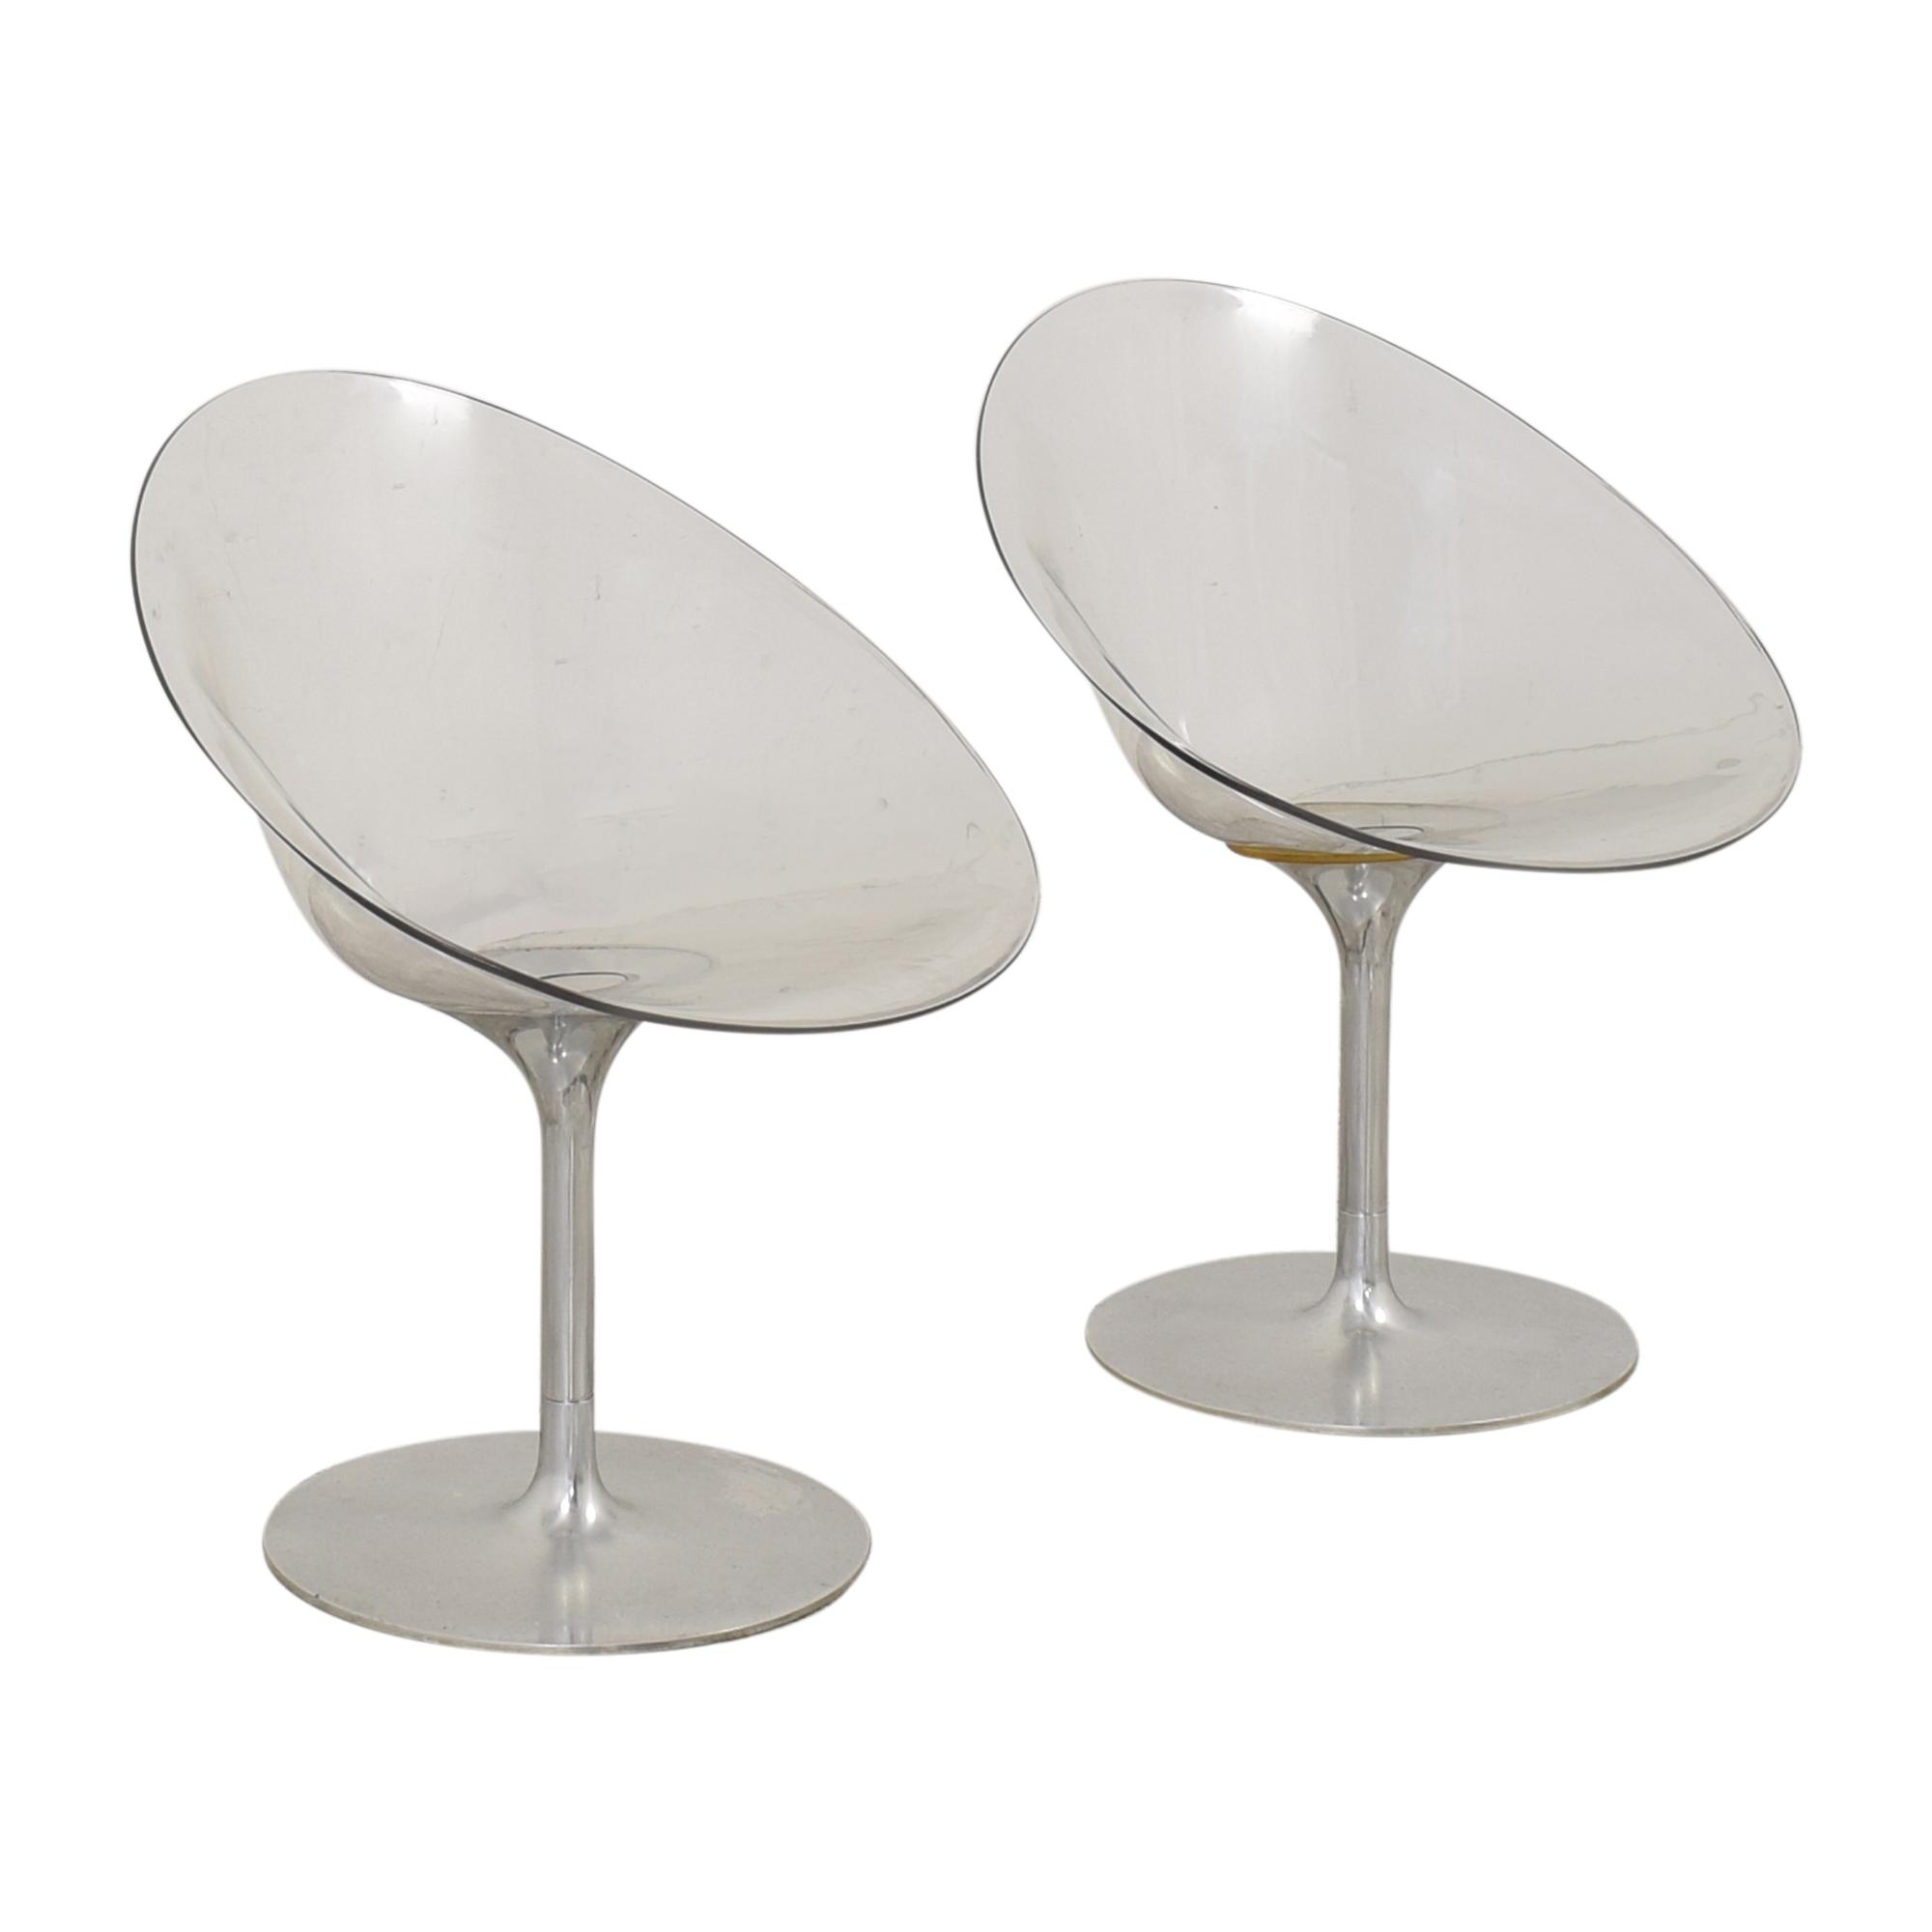 Kartell Kartell by Philippe Starck Ero s  Swivel Chairs